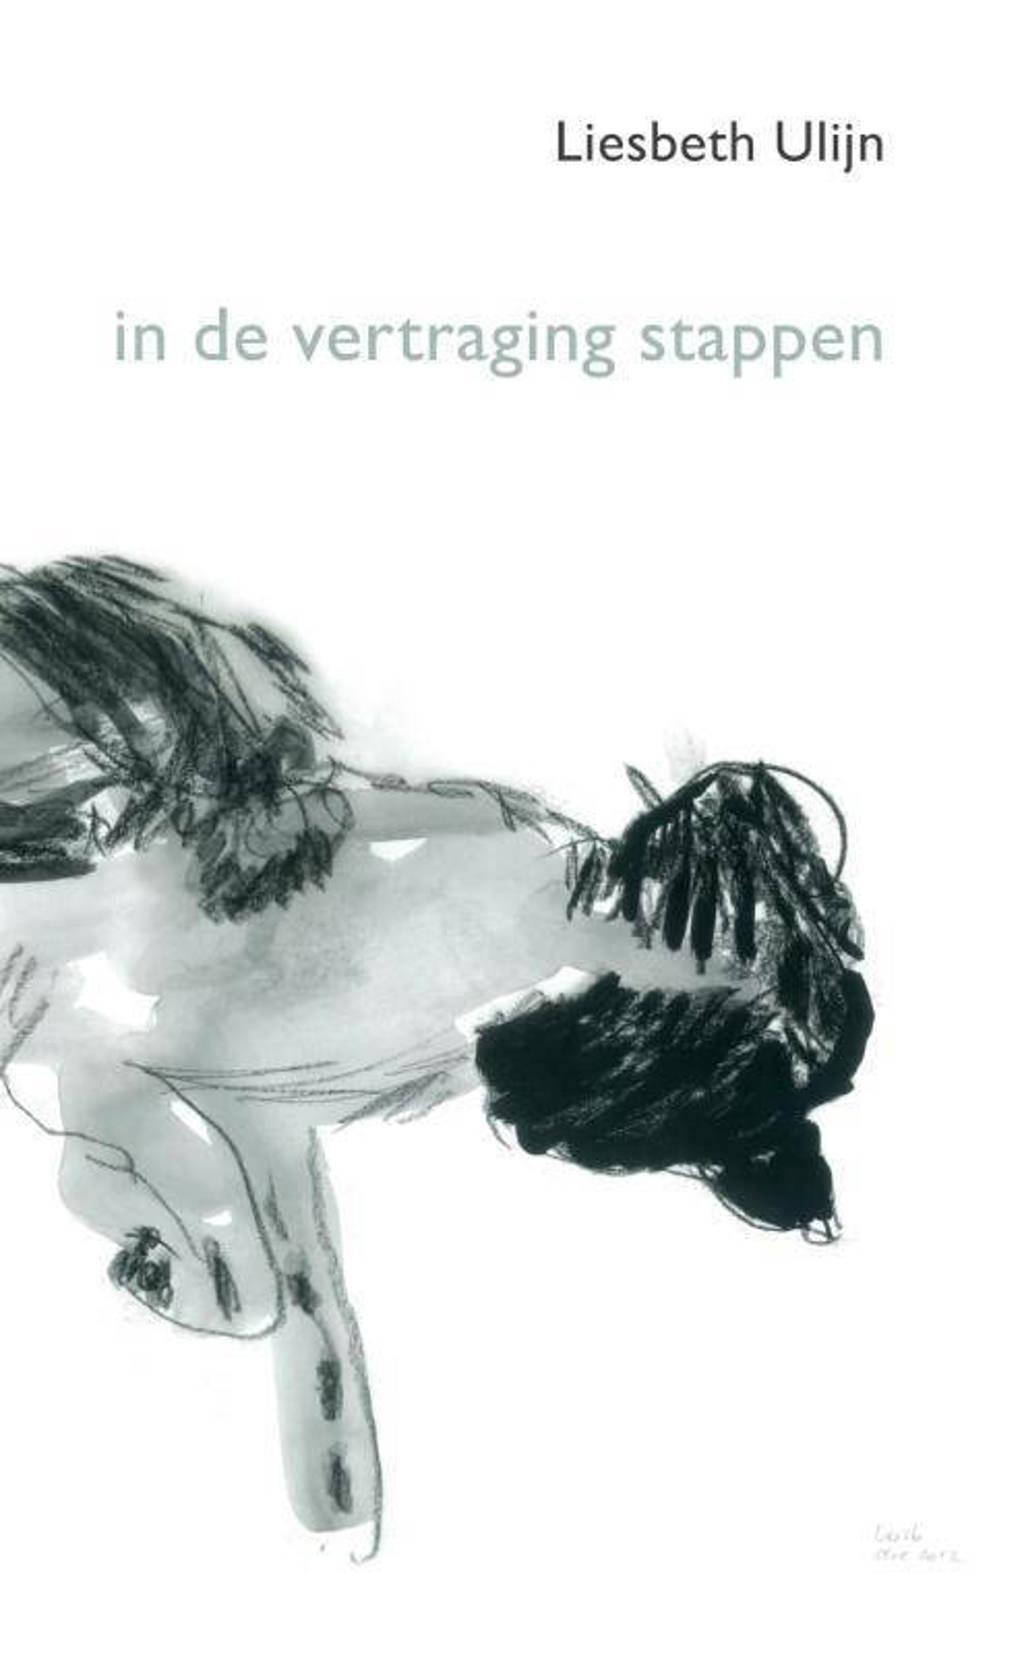 in de vertraging stappen - Liesbeth Ulijn